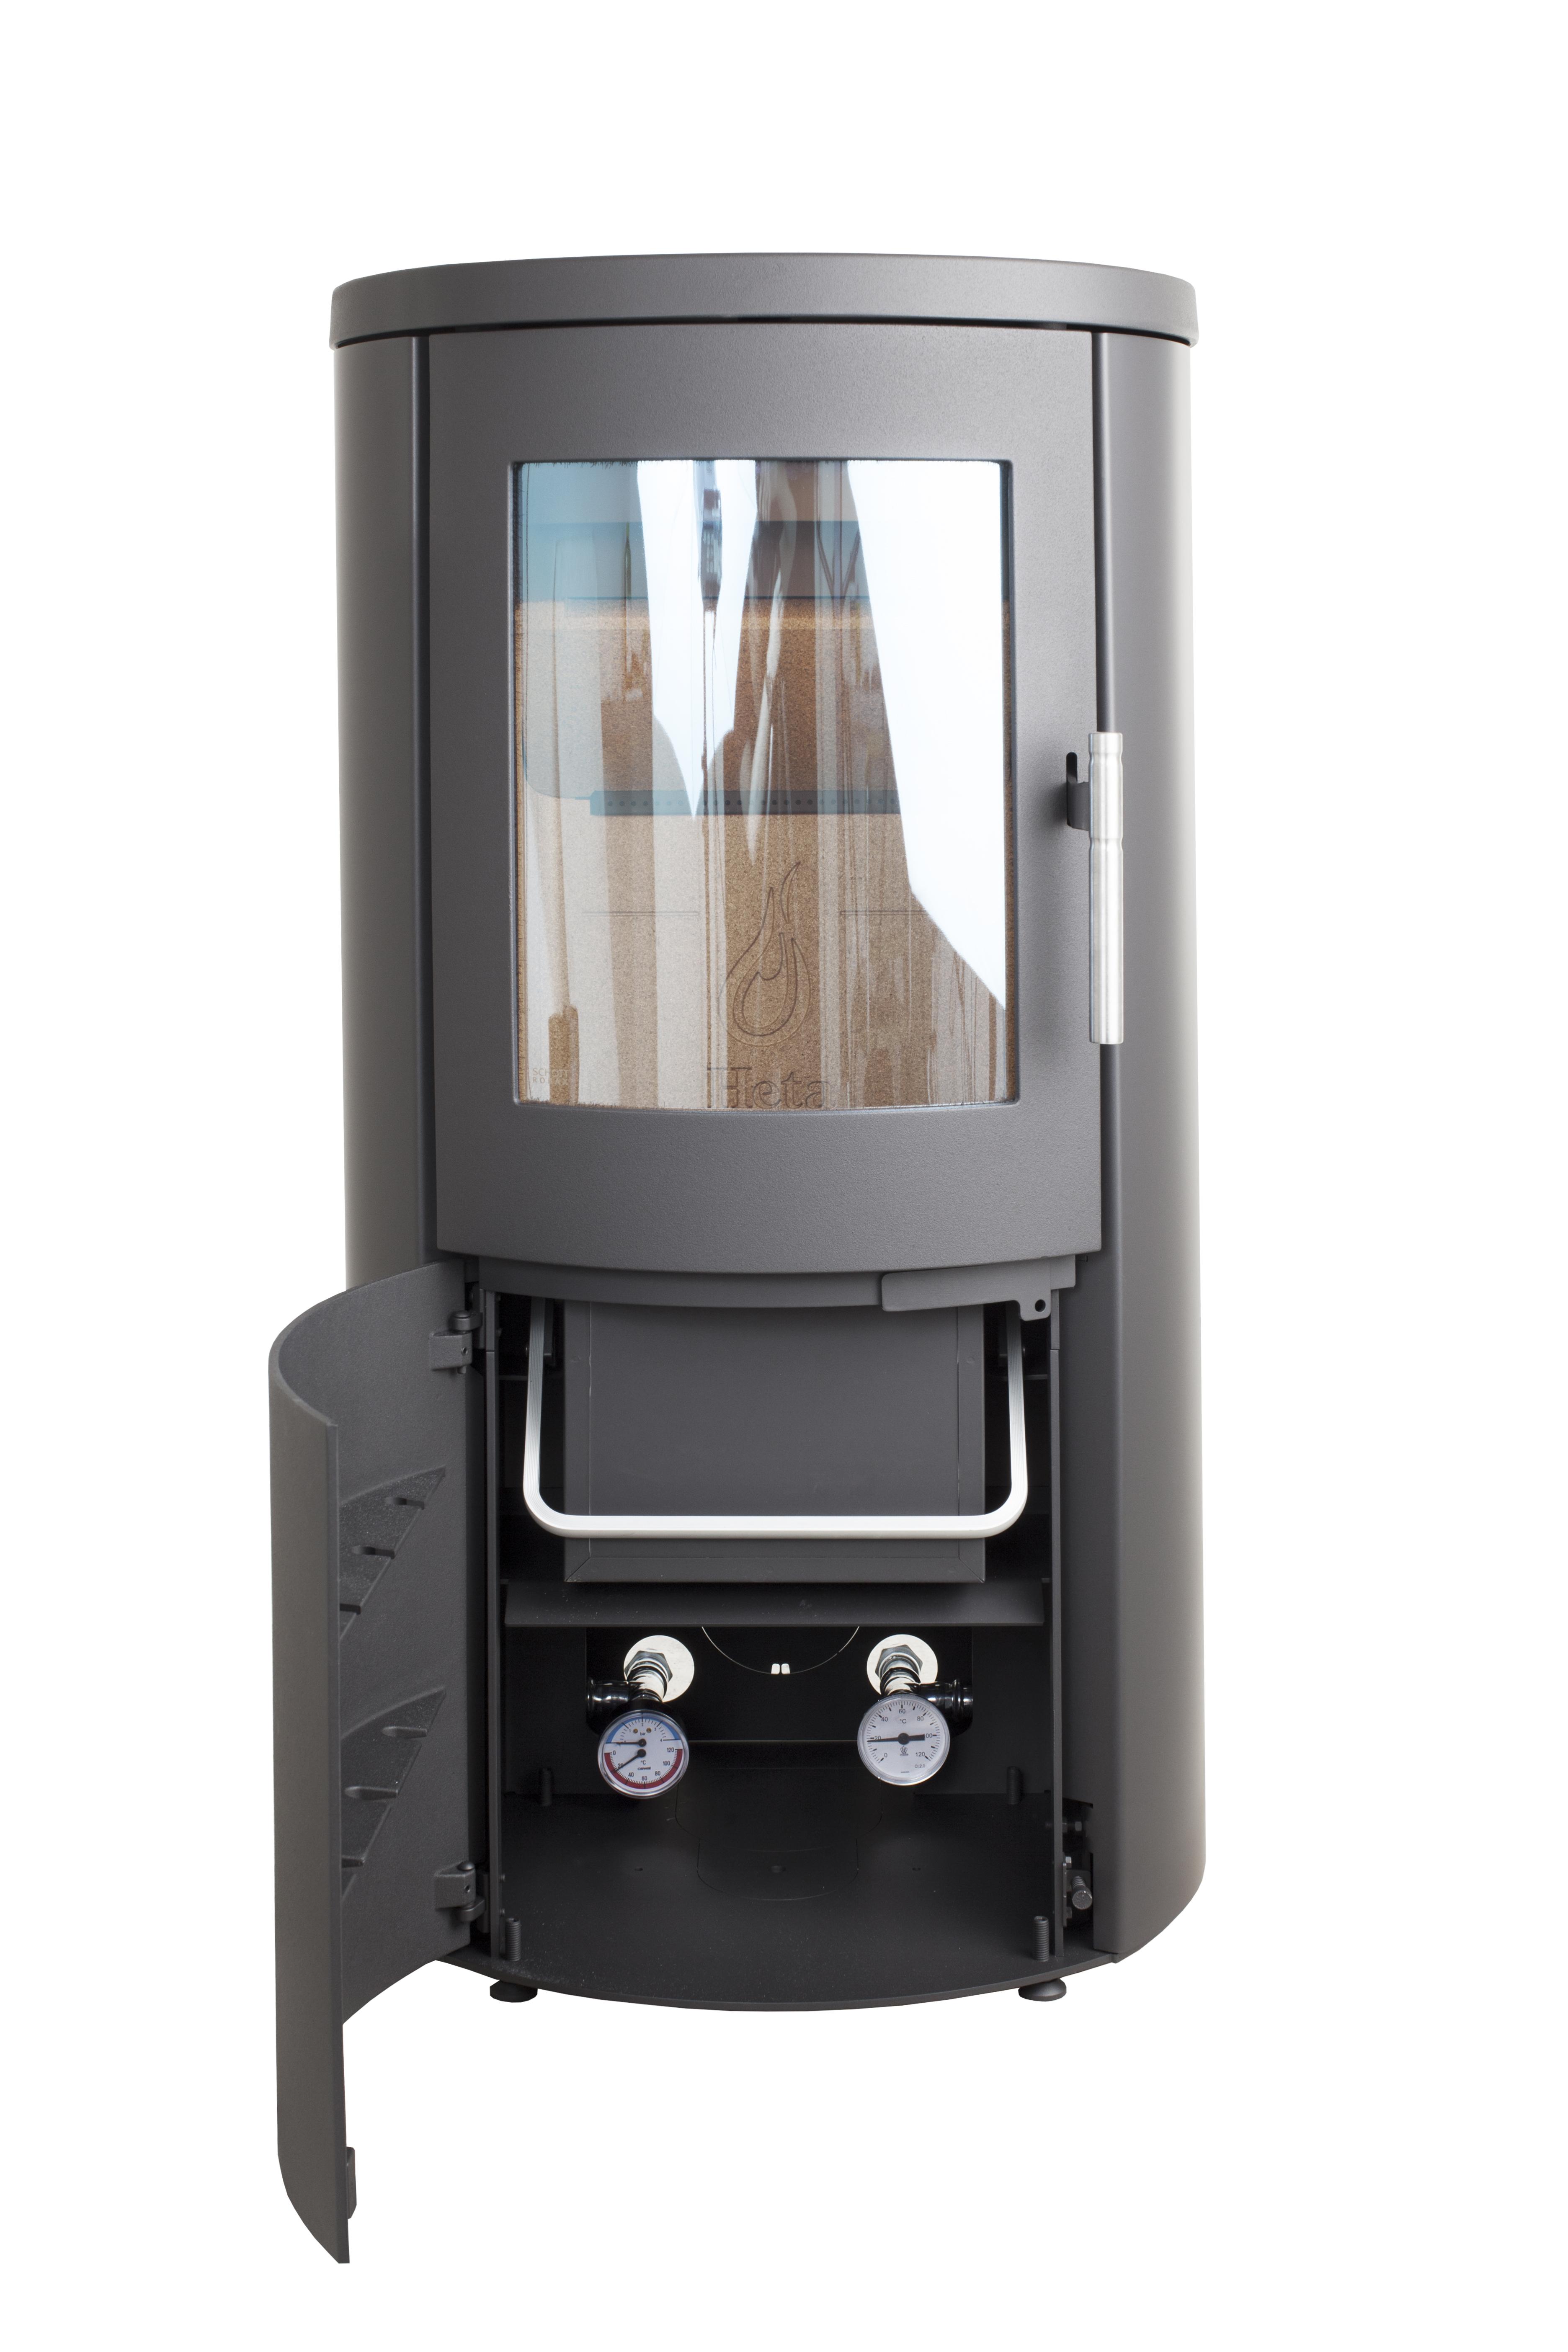 SL 800 Aqua Front